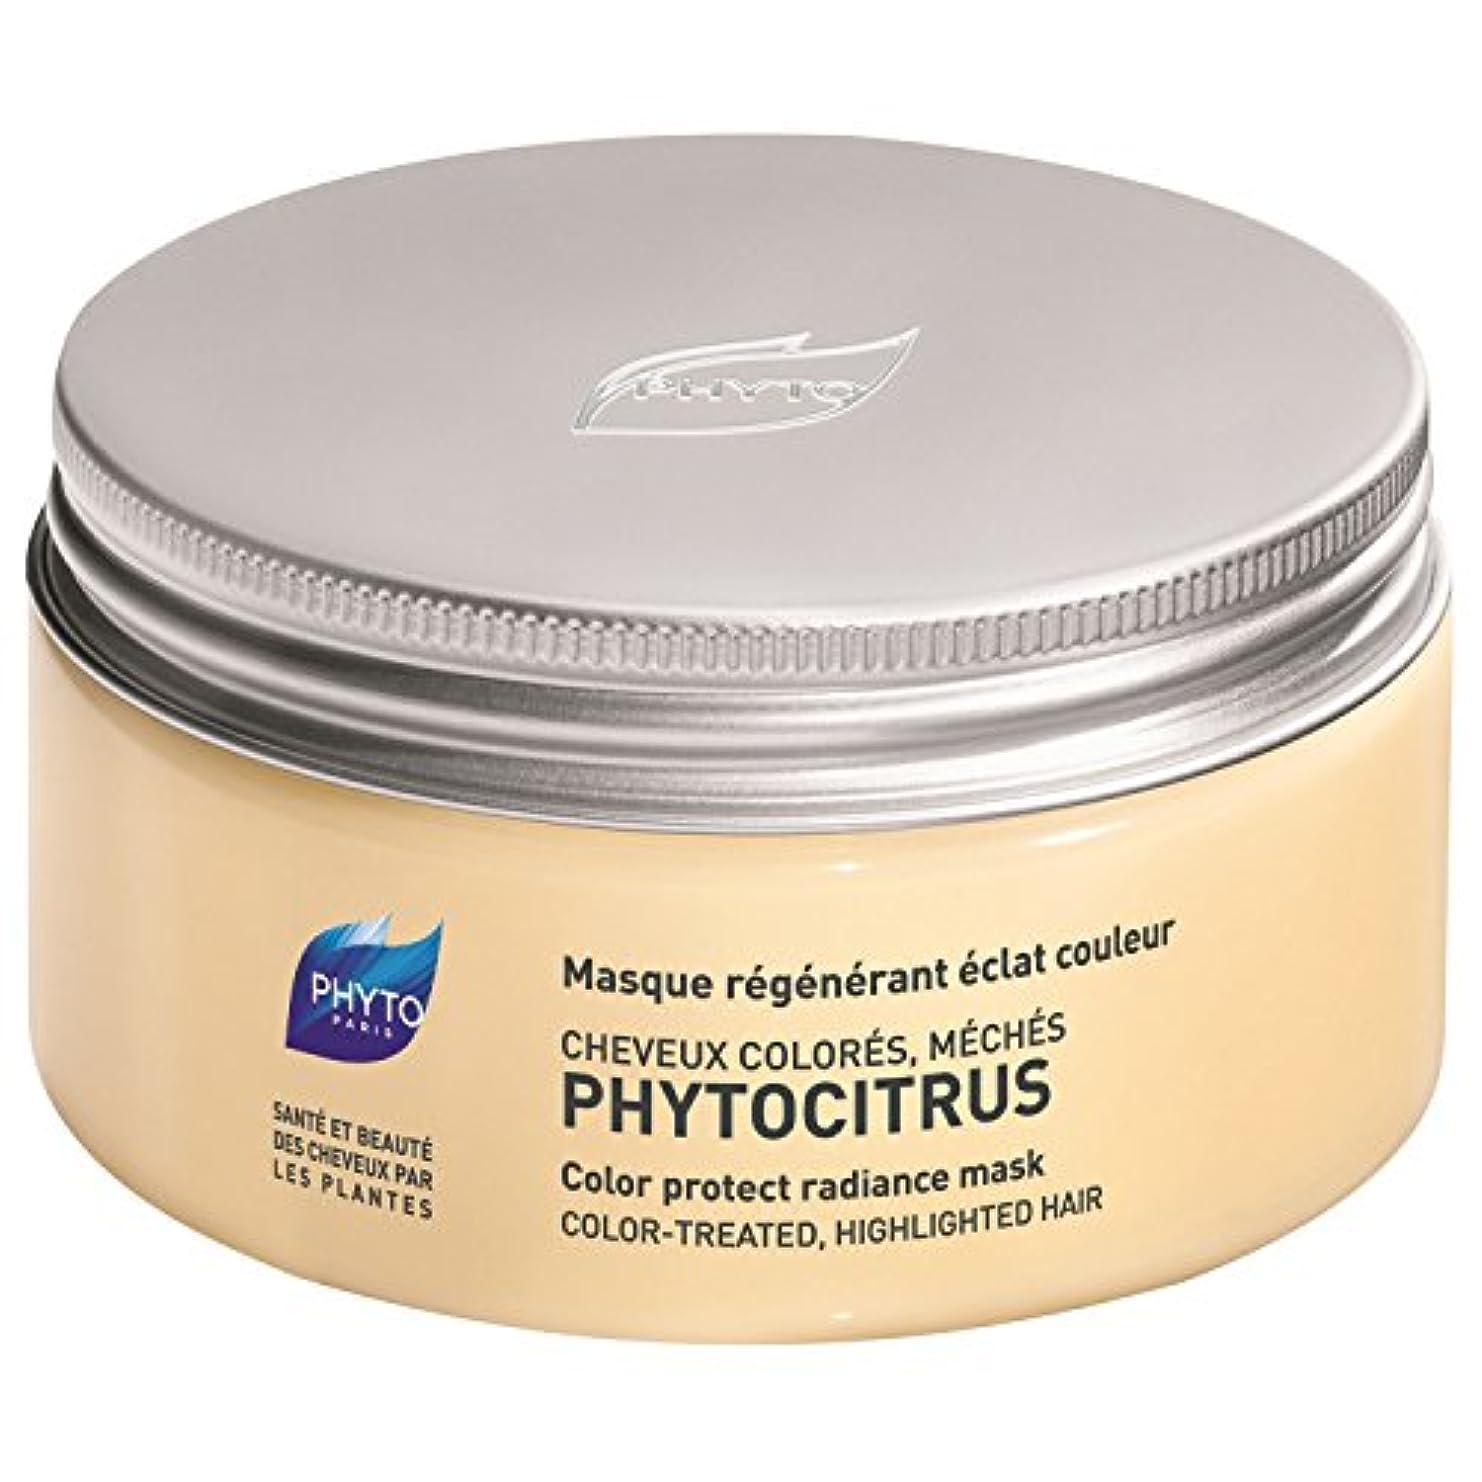 調停する支払いインストラクターフィトPhytocitrus色保護放射輝度マスク200ミリリットル (Phyto) - Phyto Phytocitrus Colour Protect Radiance Mask 200ml [並行輸入品]